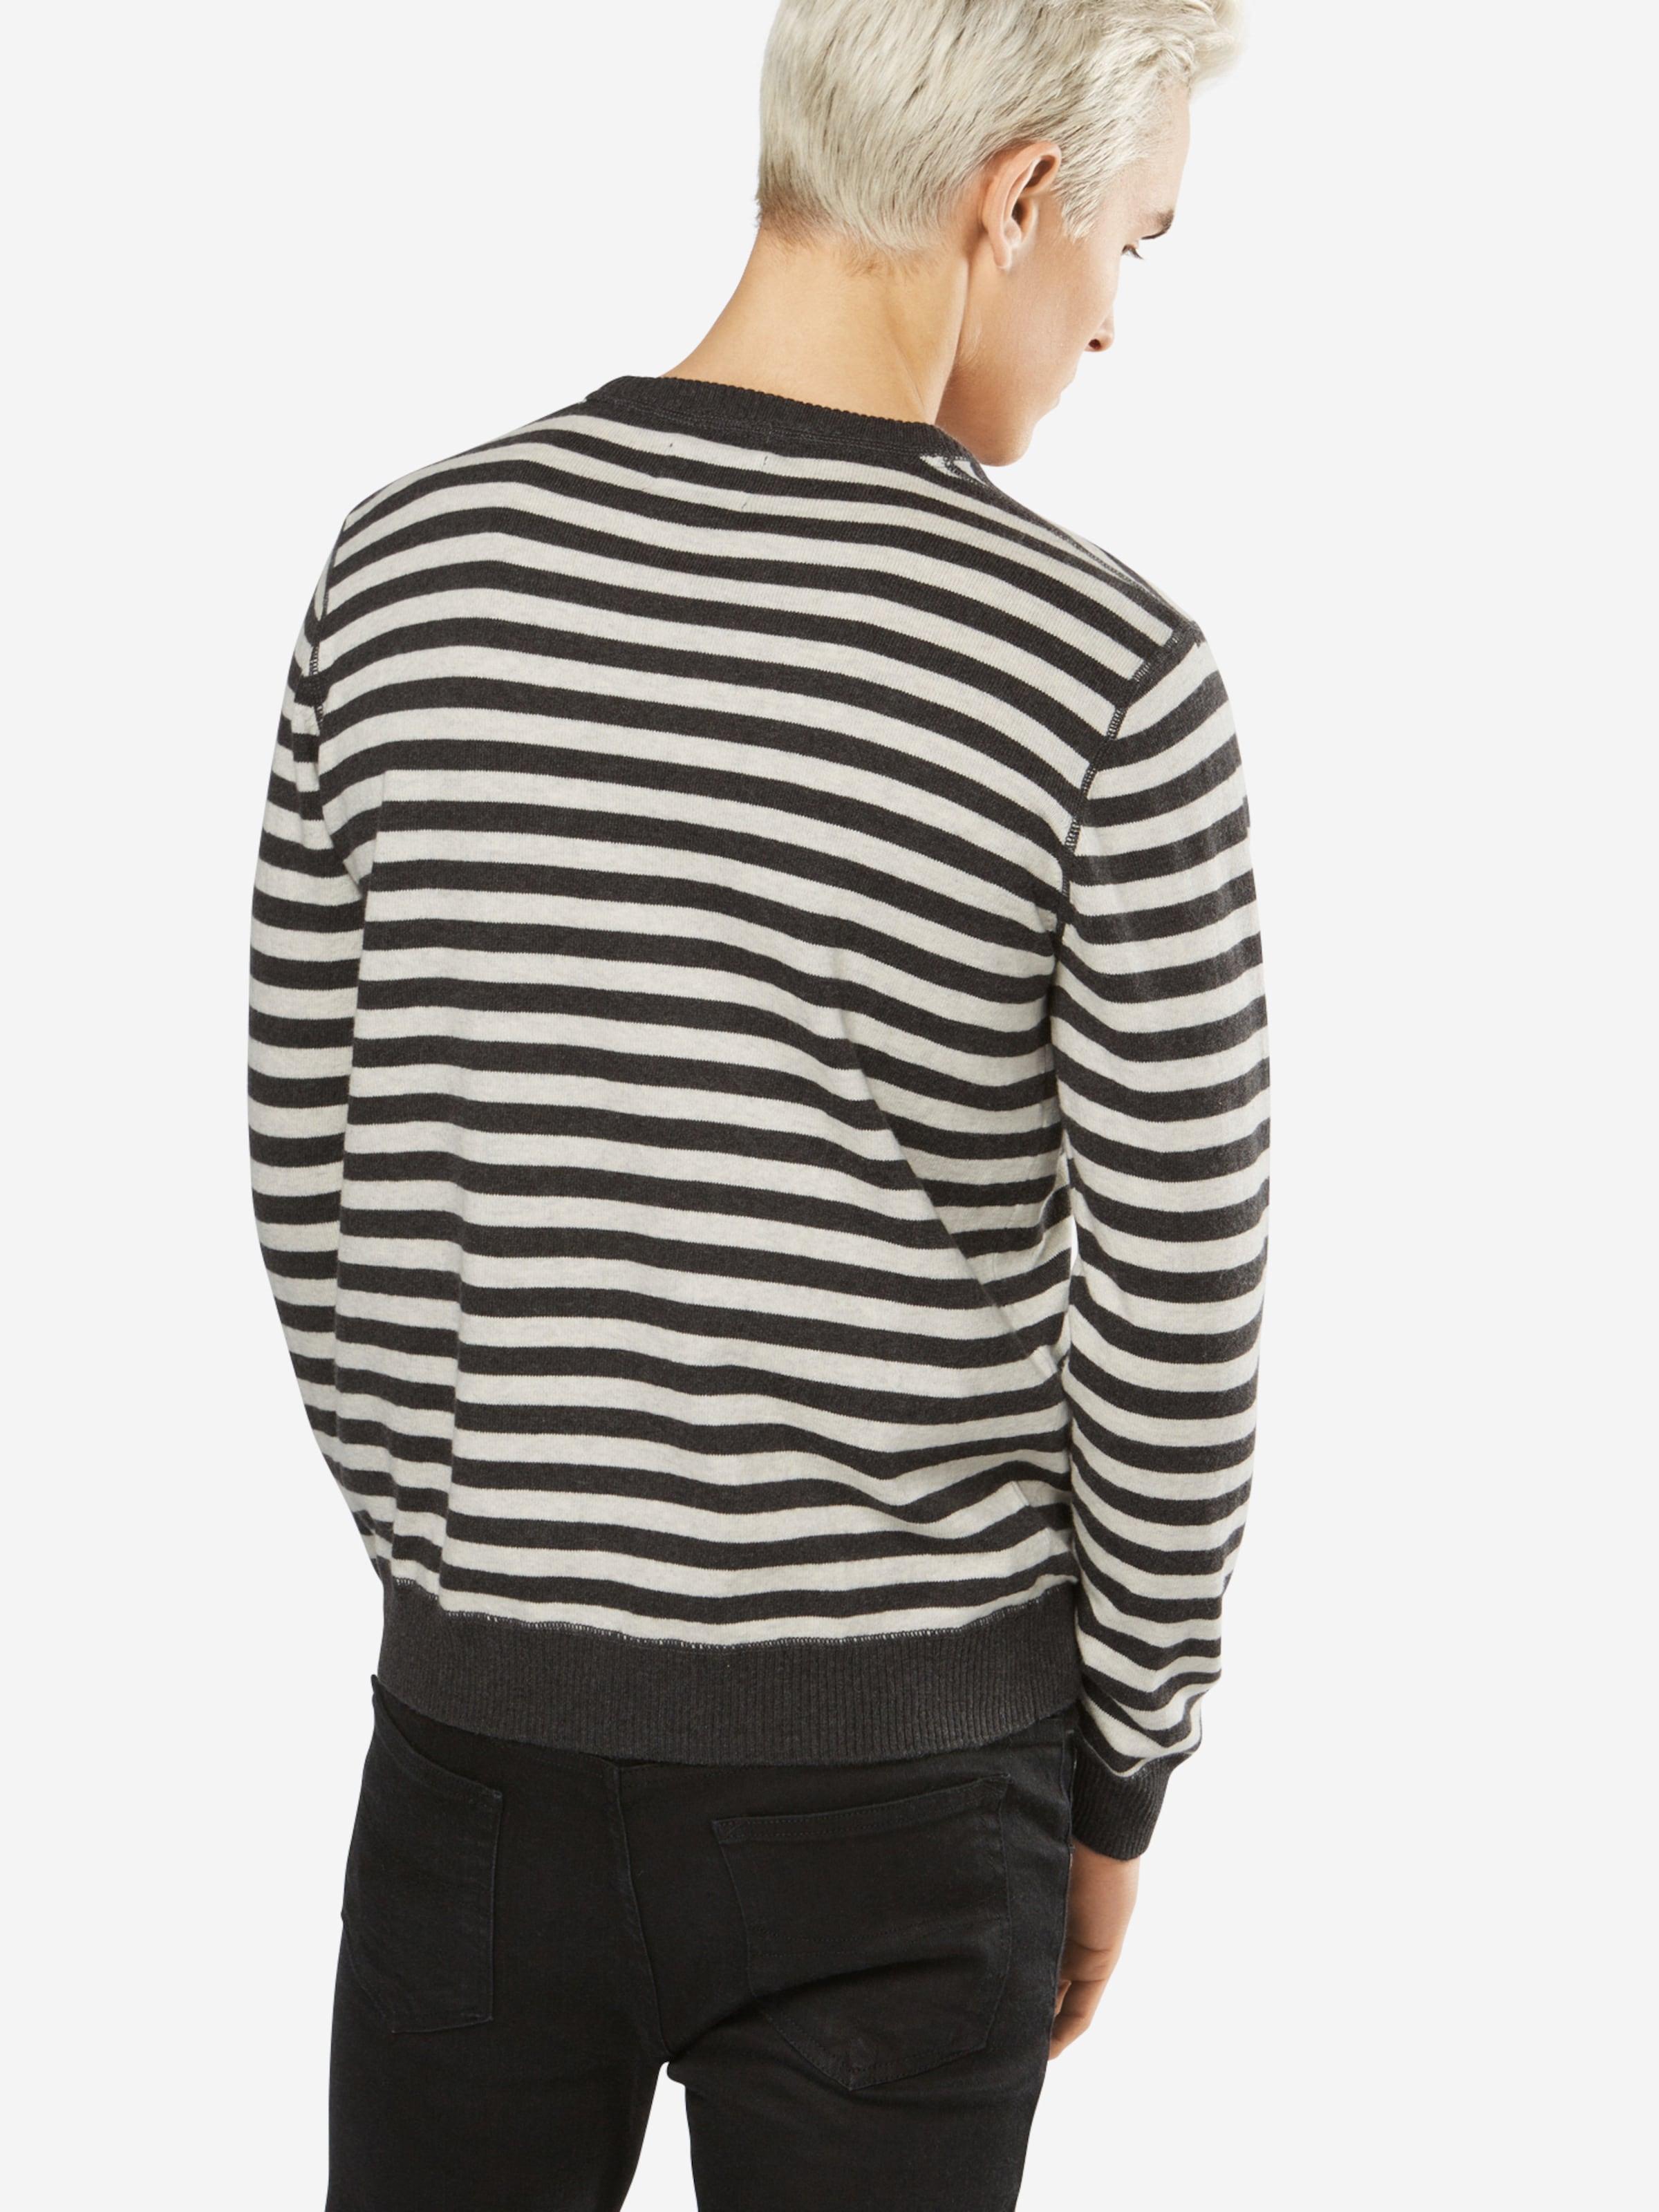 Pepe Jeans Pullover 'FORE' Verkauf Großer Verkauf Günstige Rabatte Freies Verschiffen Erkunden Offiziell Fwqfe0c